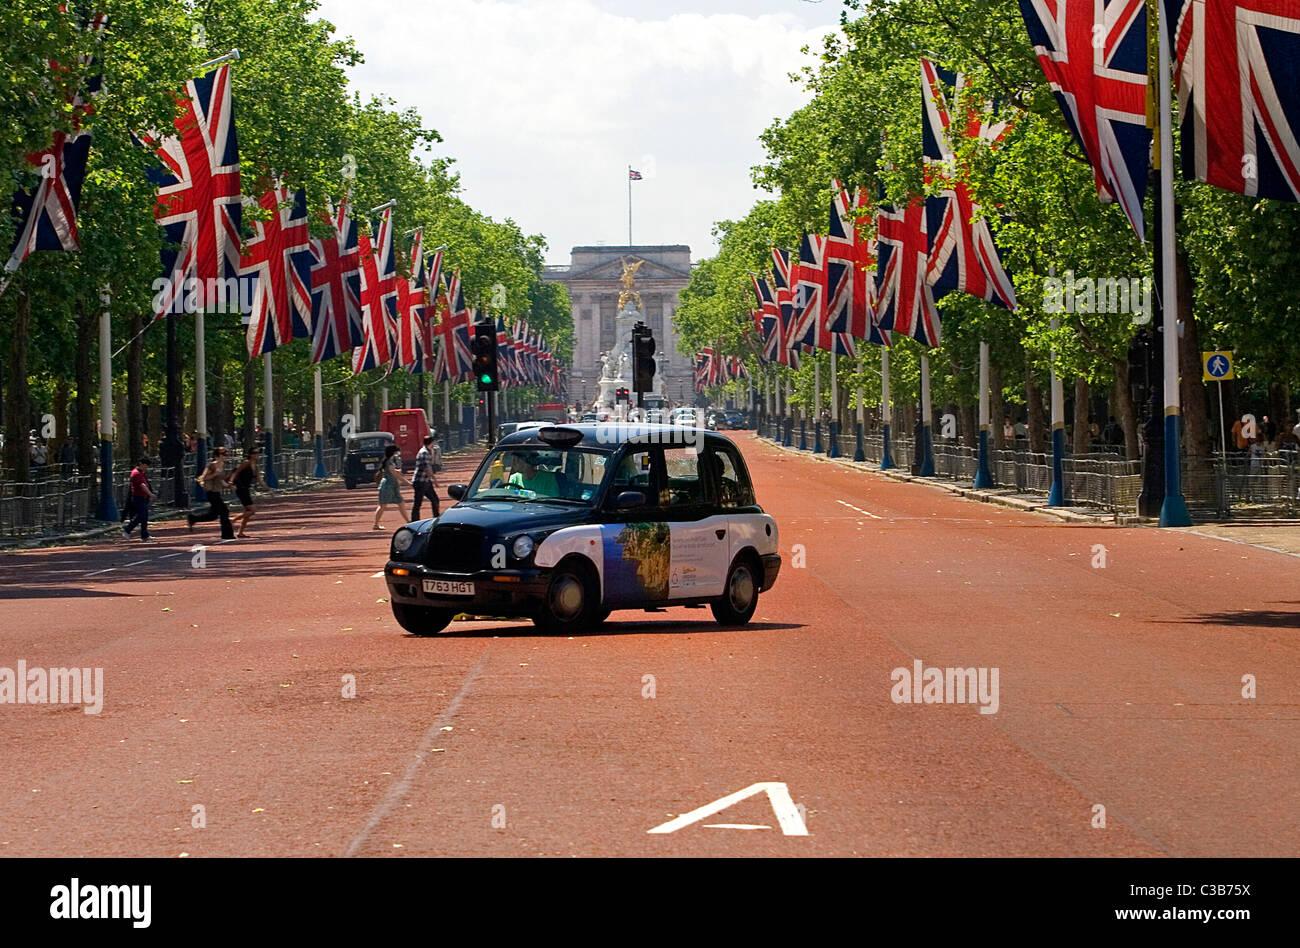 Un taxi en el que viajaban un anuncio por unidades omnipresente a lo largo del Mall, Londres. Imagen De Stock